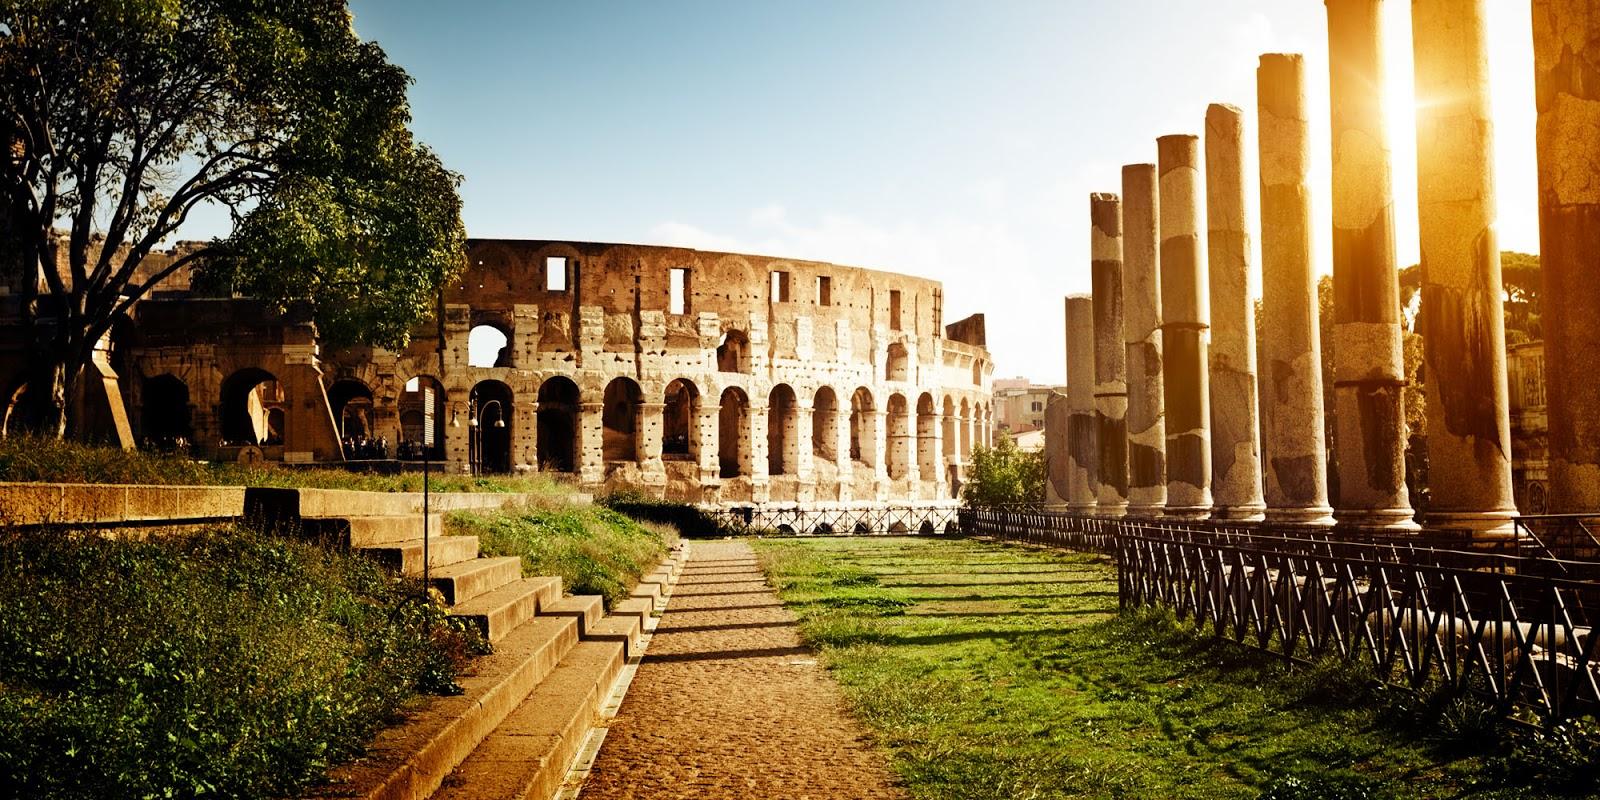 Centro storico di Roma - Patrimonio Unesco da gustare | Mondo Viaggiare